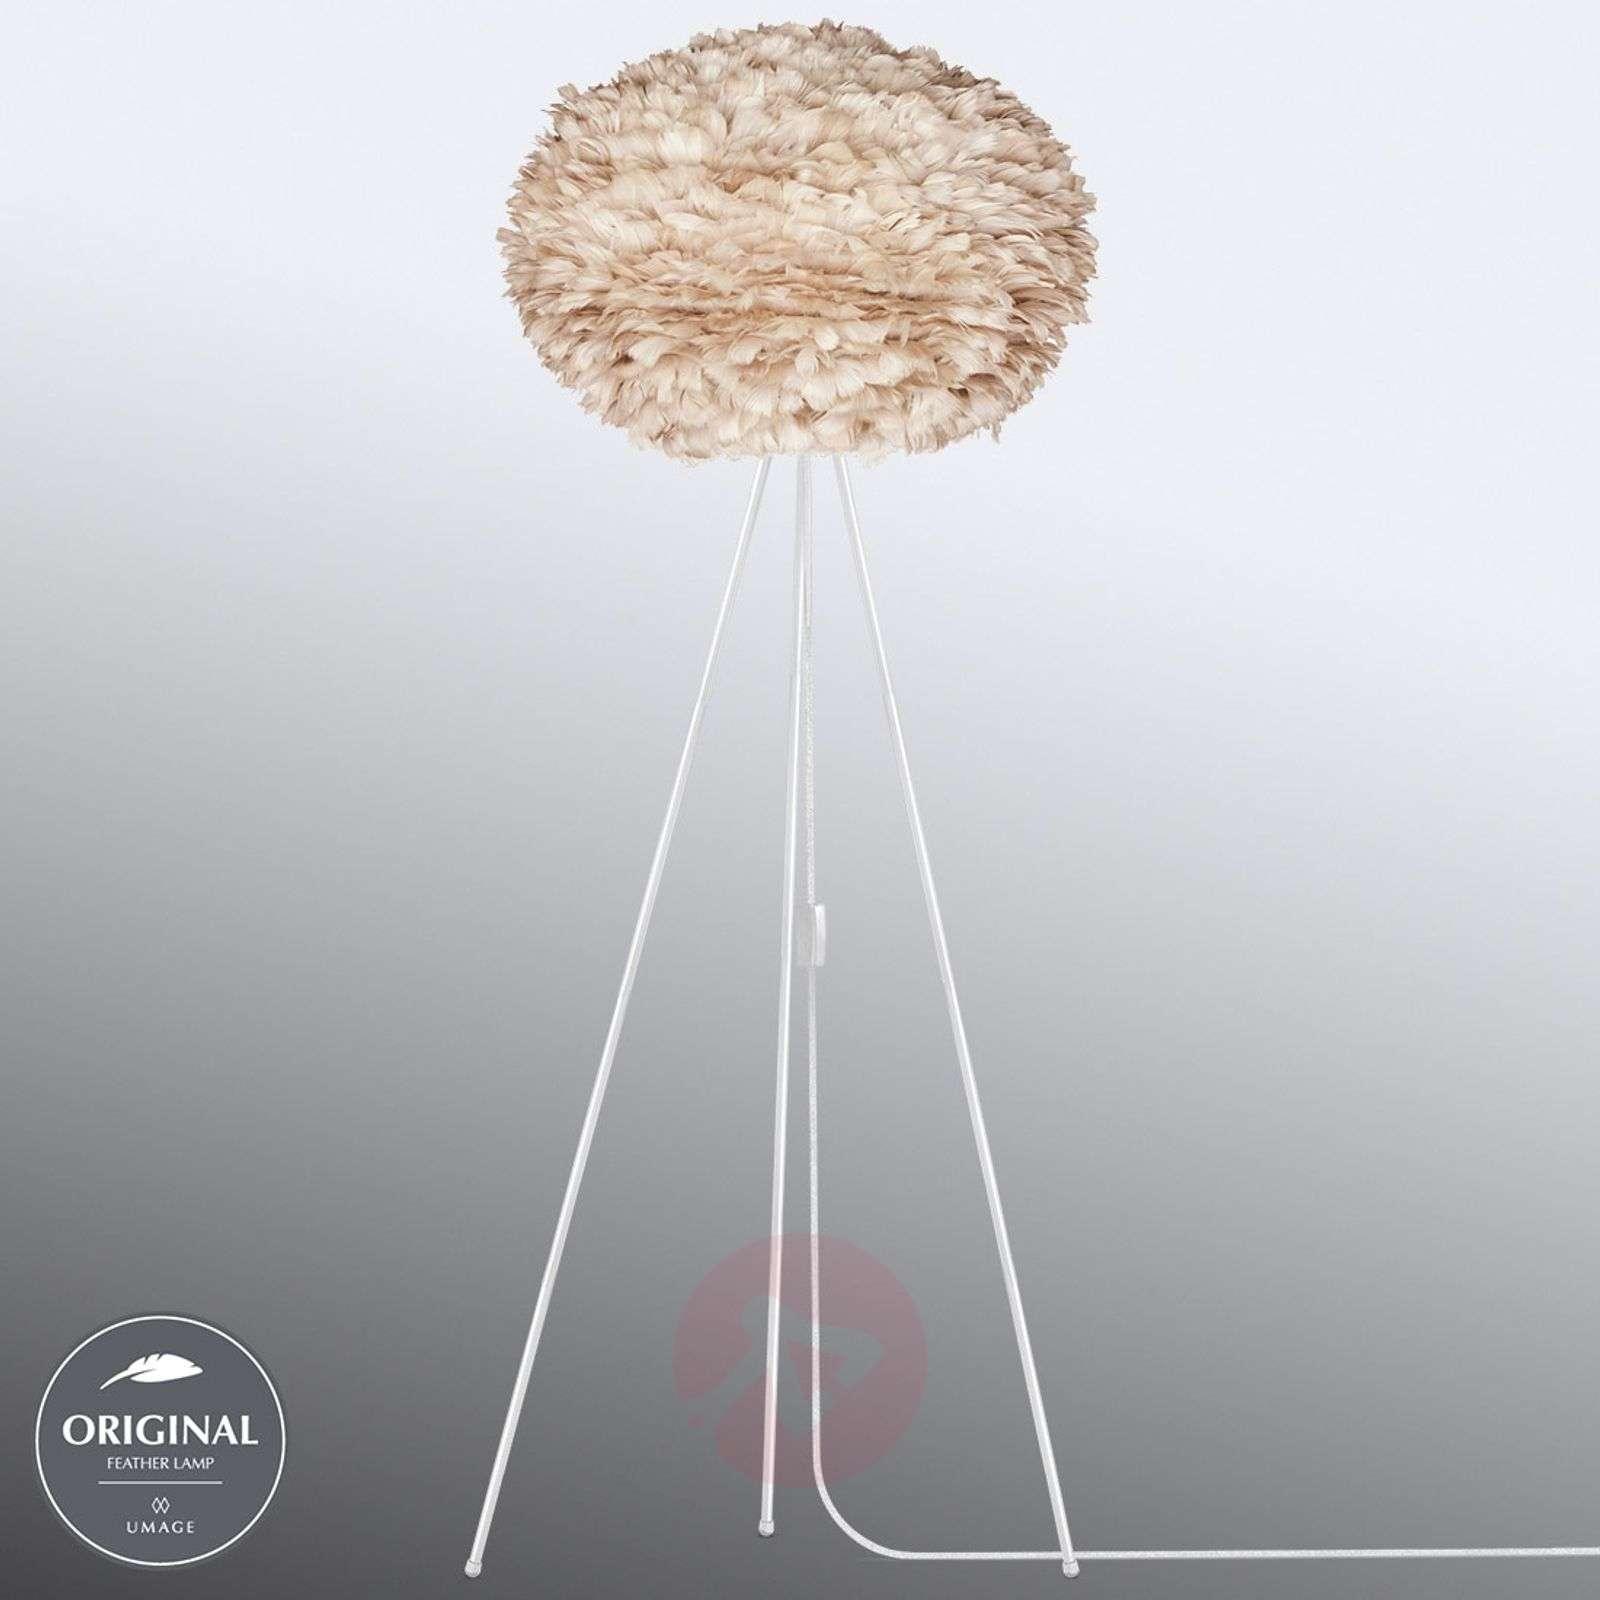 UMAGE Eos large-lattiavalo tripod vaaleanruskea-9521129-01